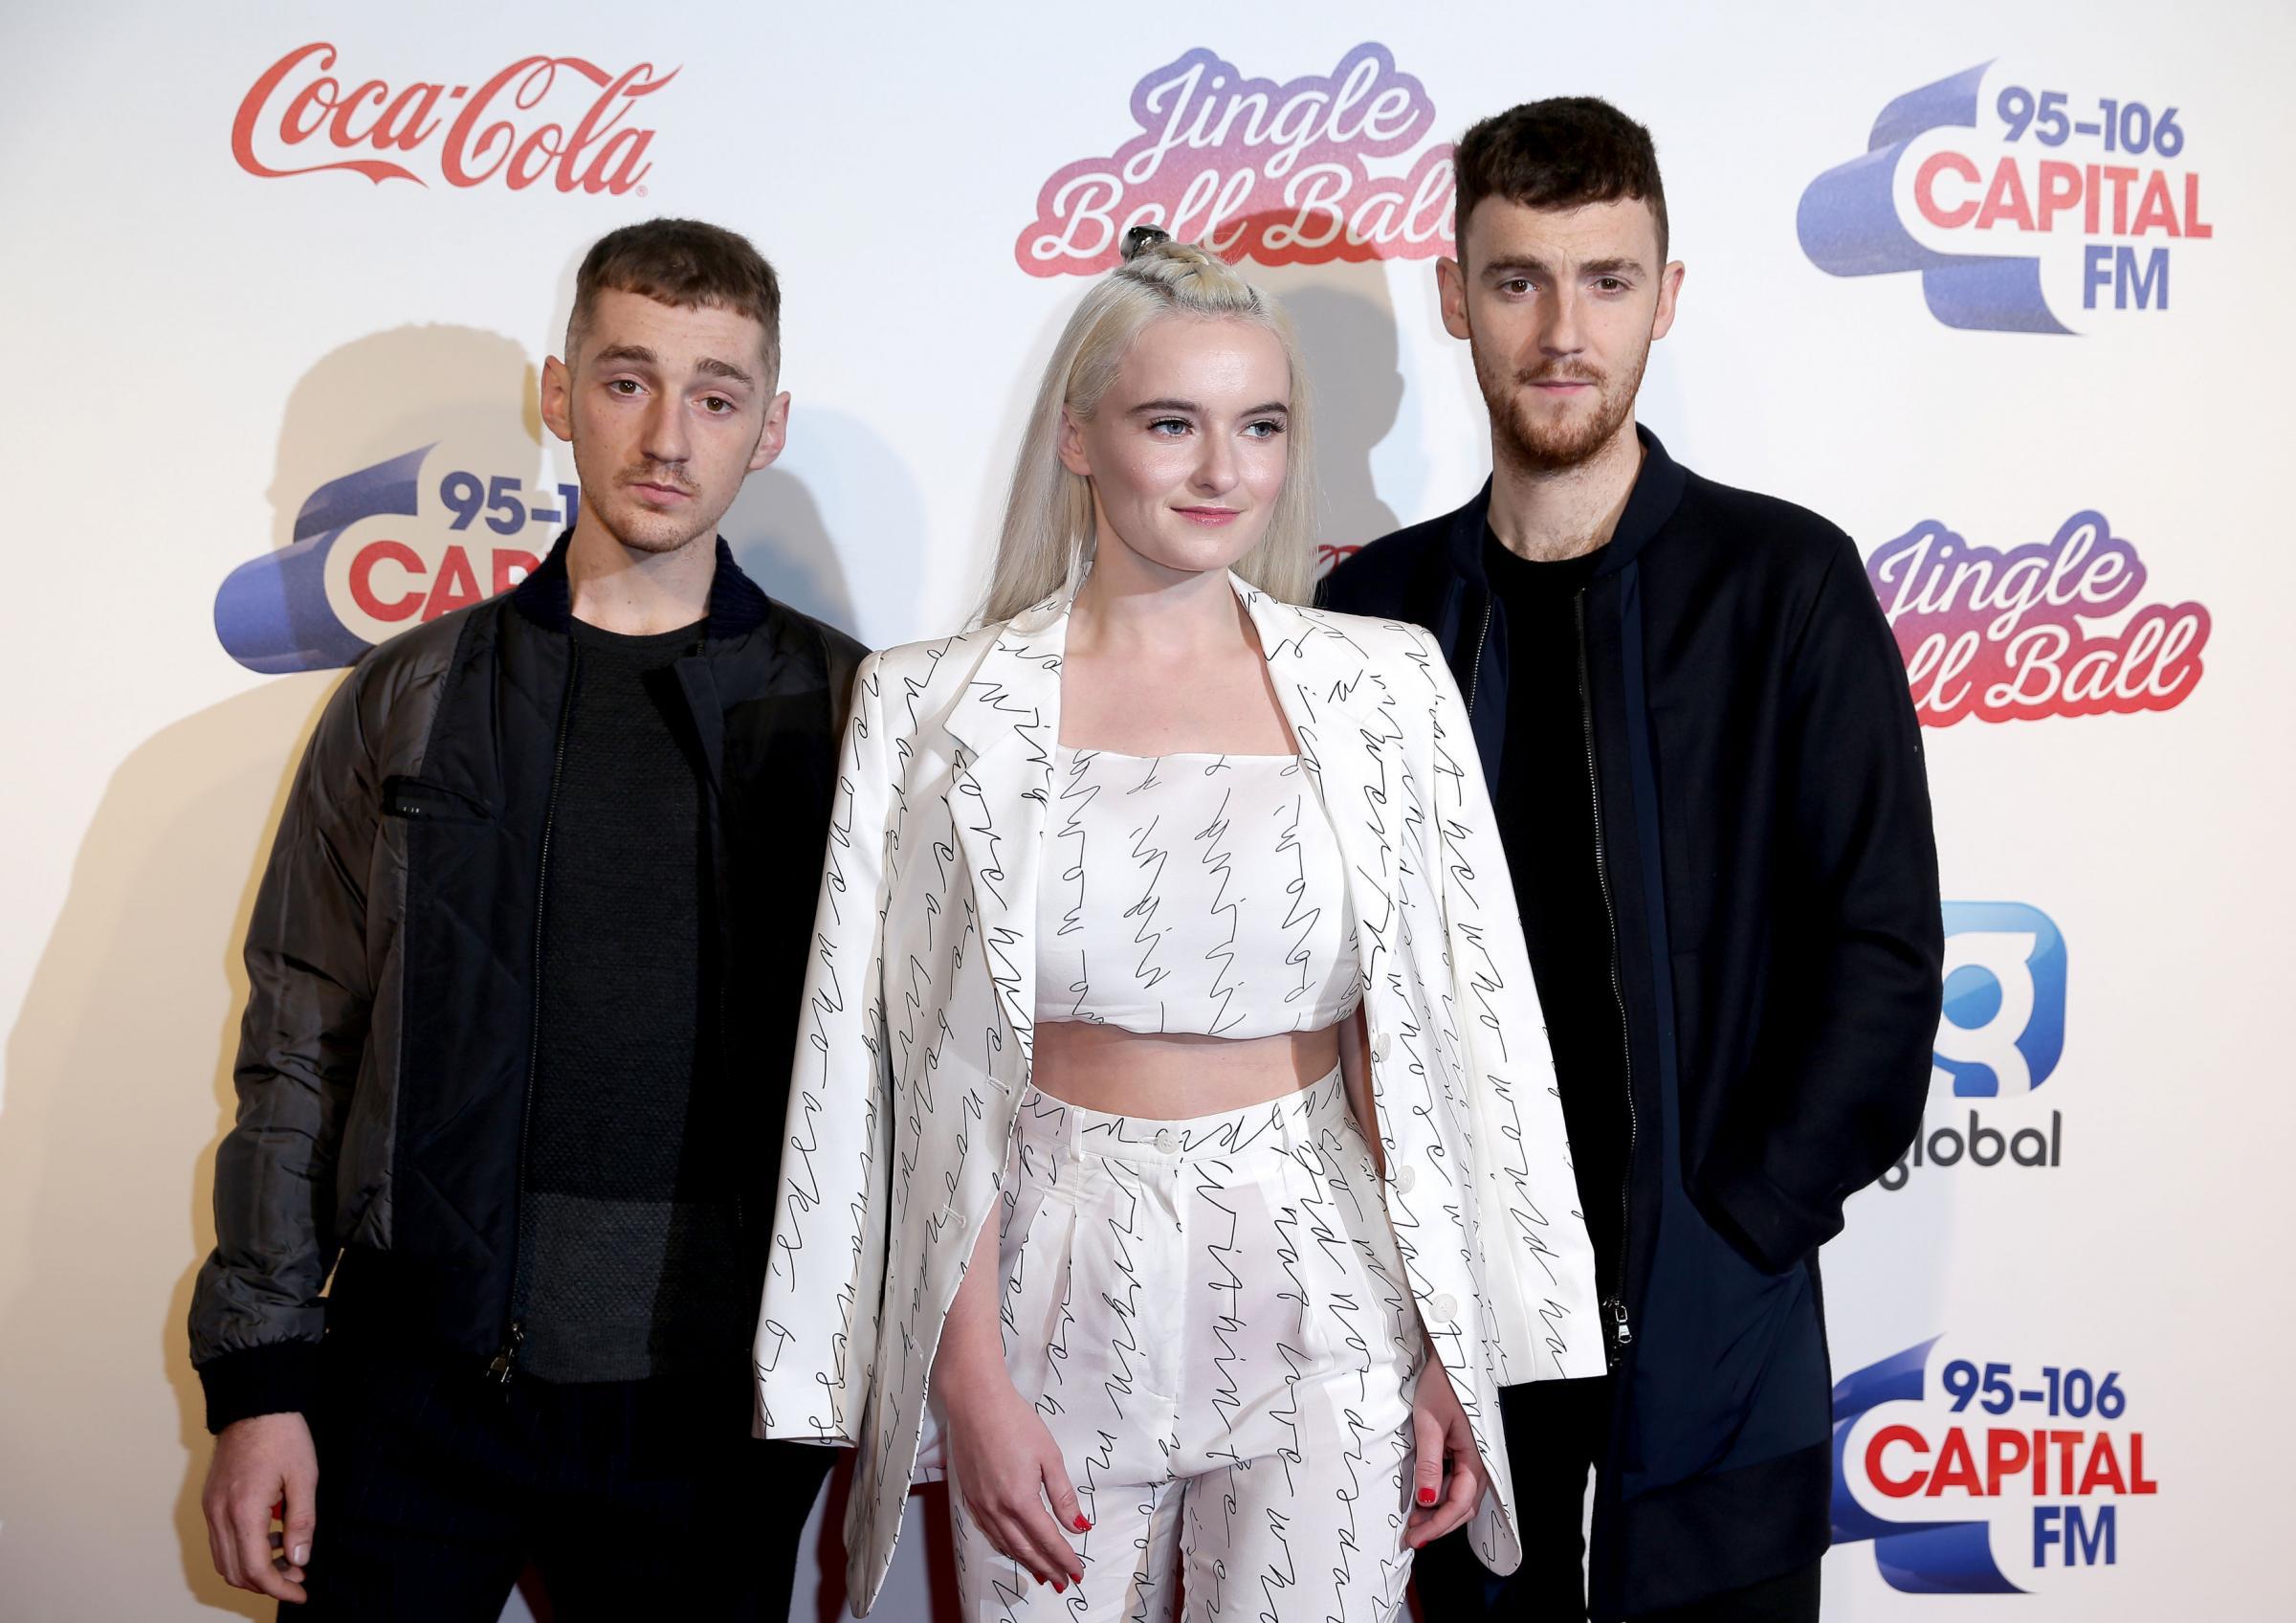 Clean Bandit ospiti a Sanremo 2017: la band inglese salirà sul palco dell'Ariston